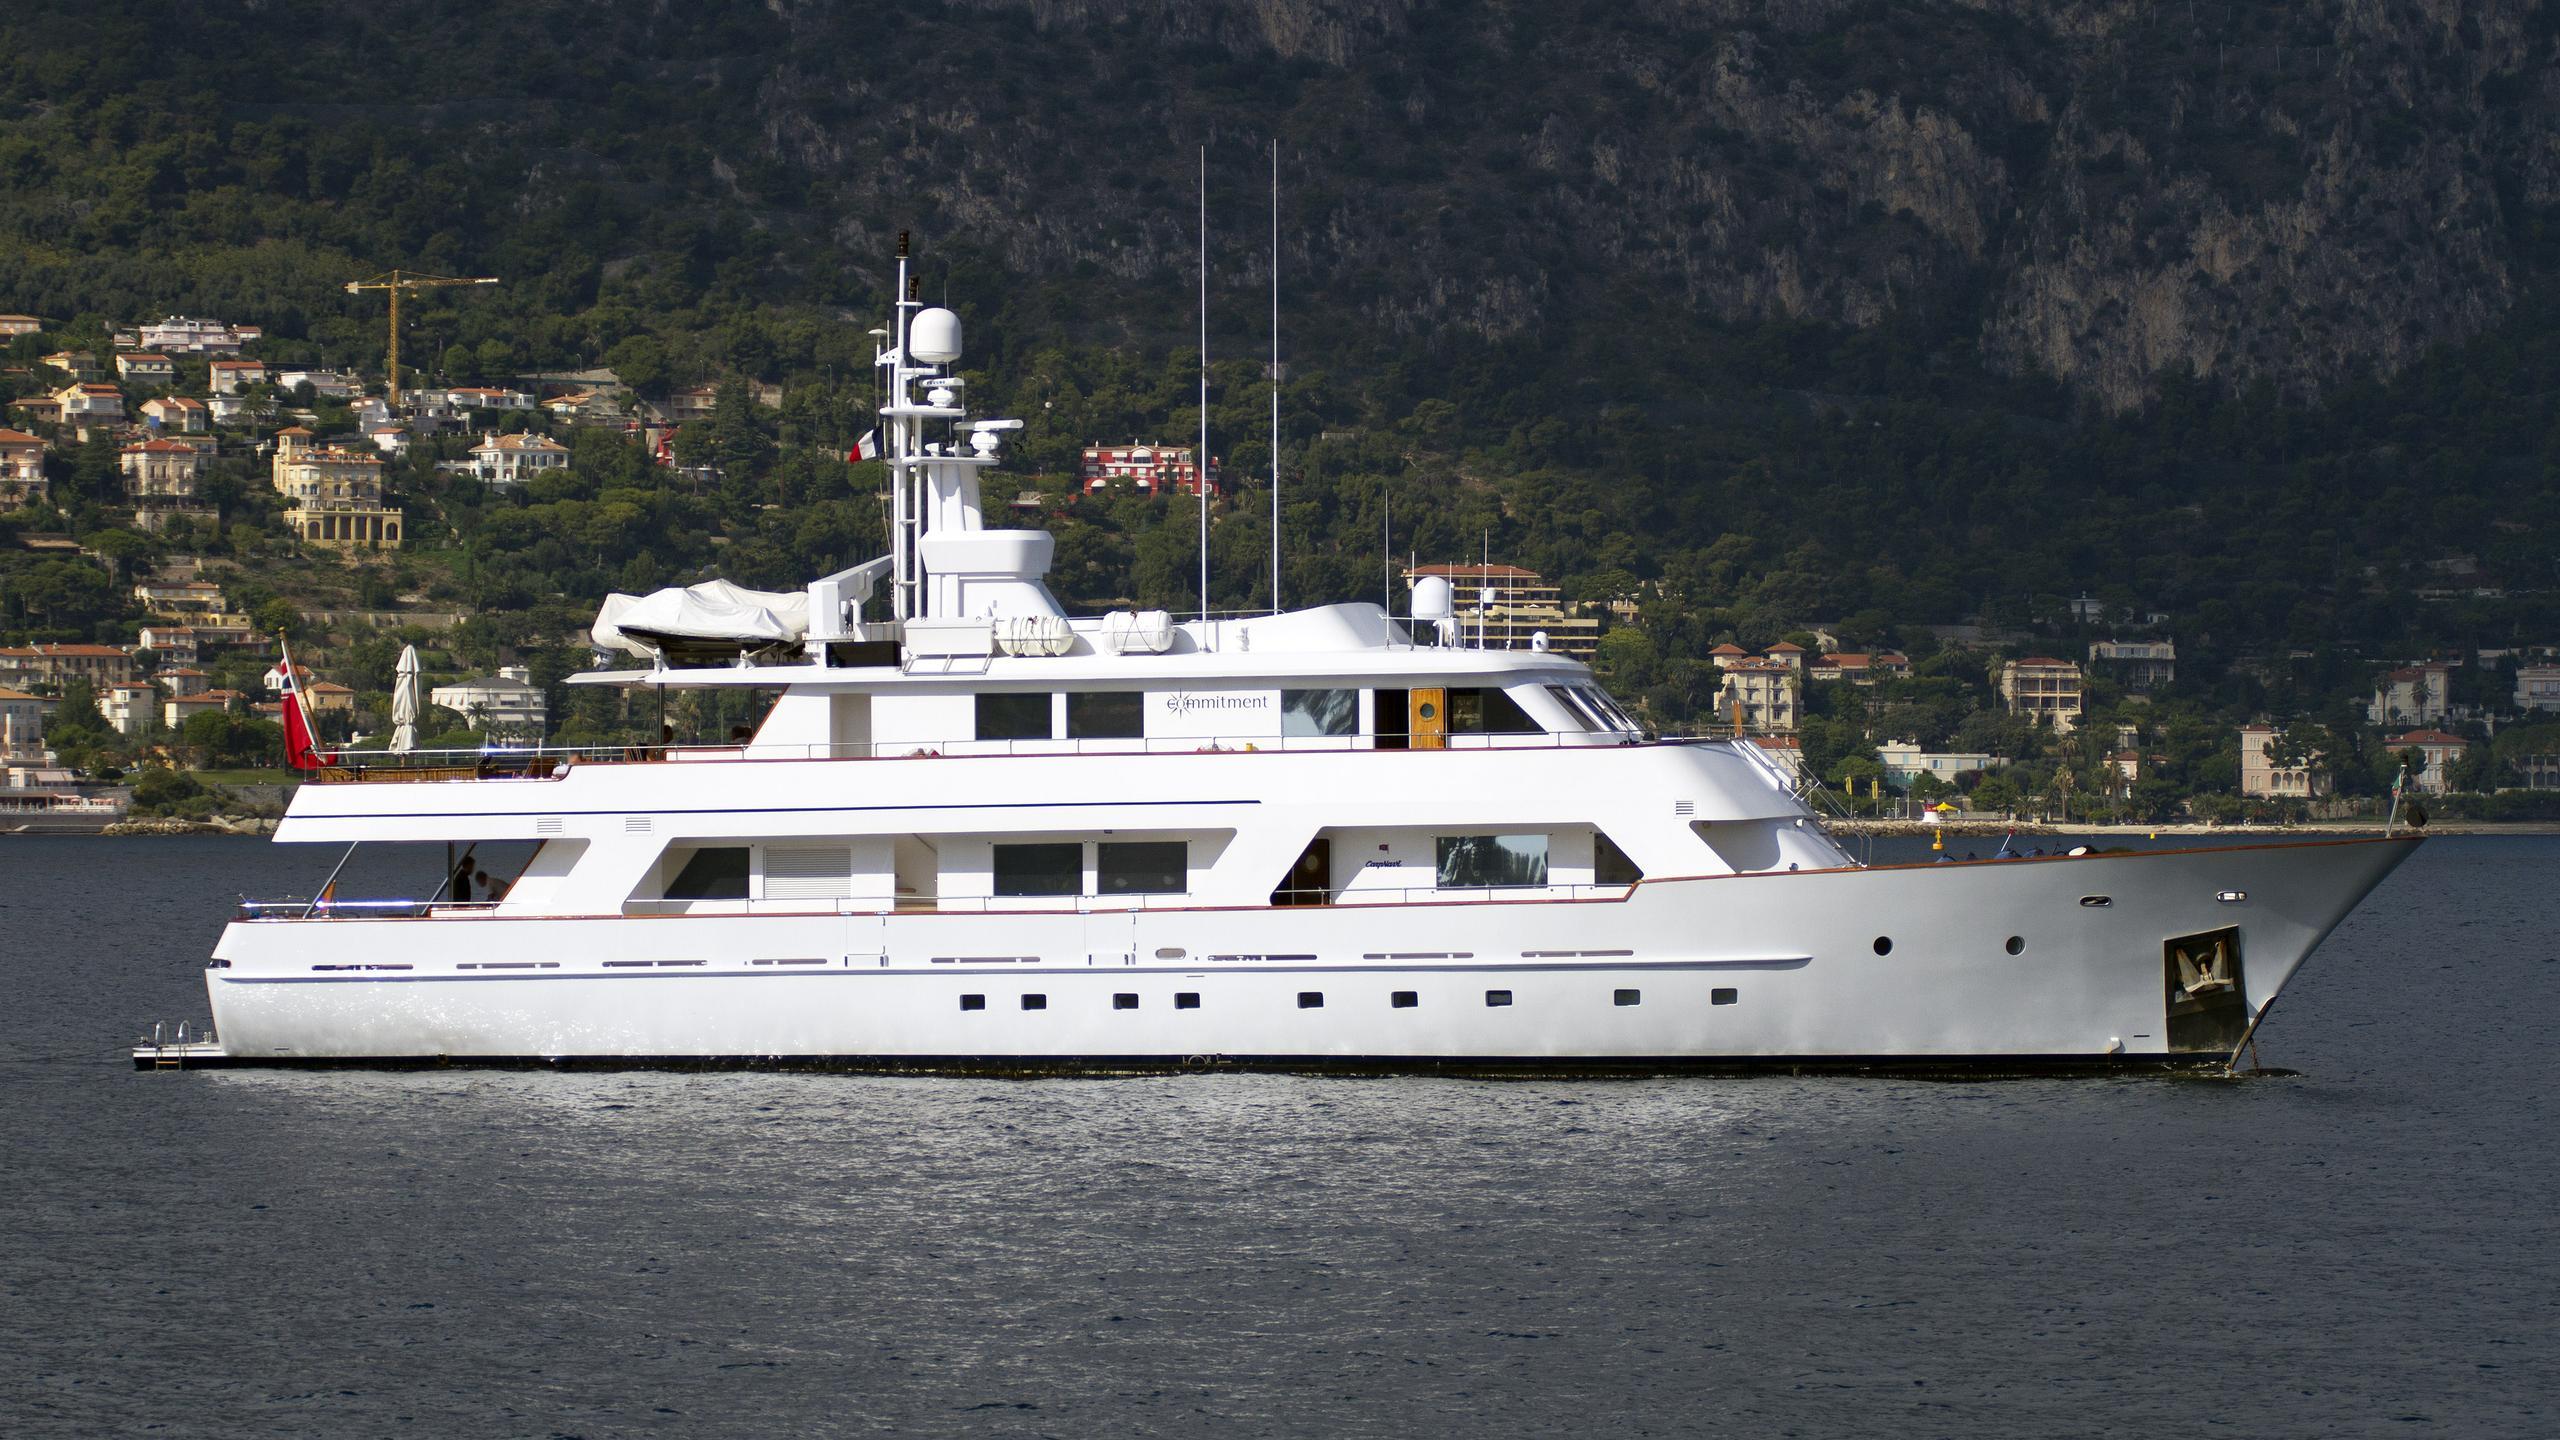 carp-navi-commitment-38m-1989-motor-yacht-profile